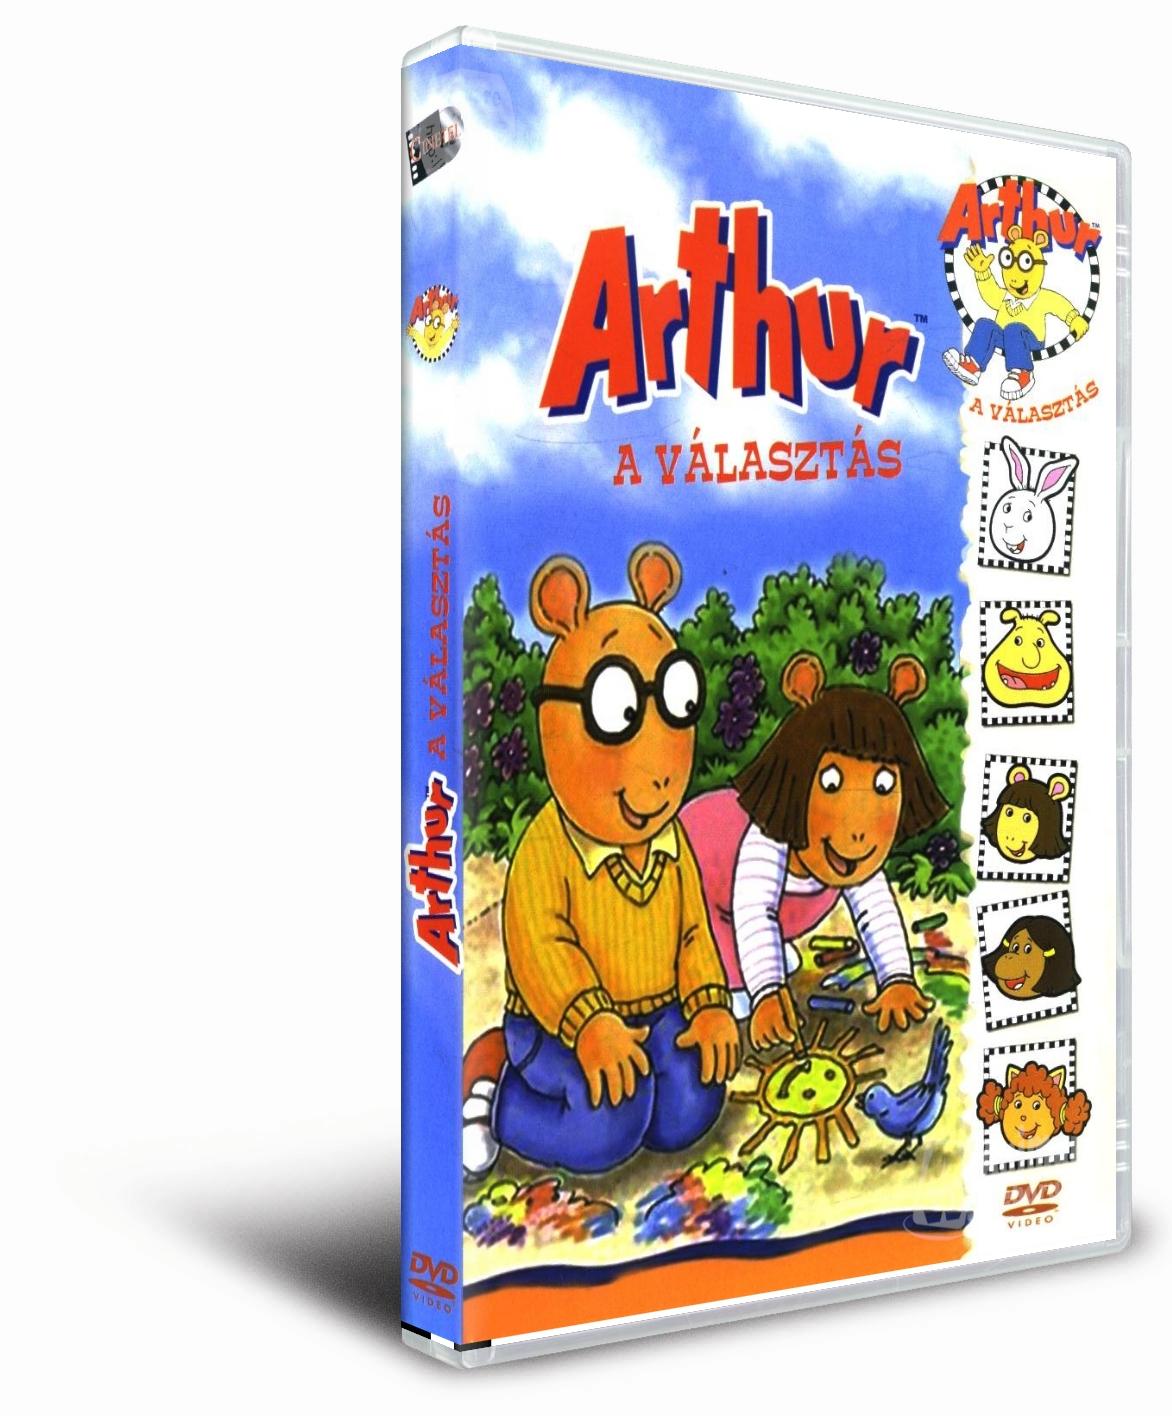 Arthur: A választás